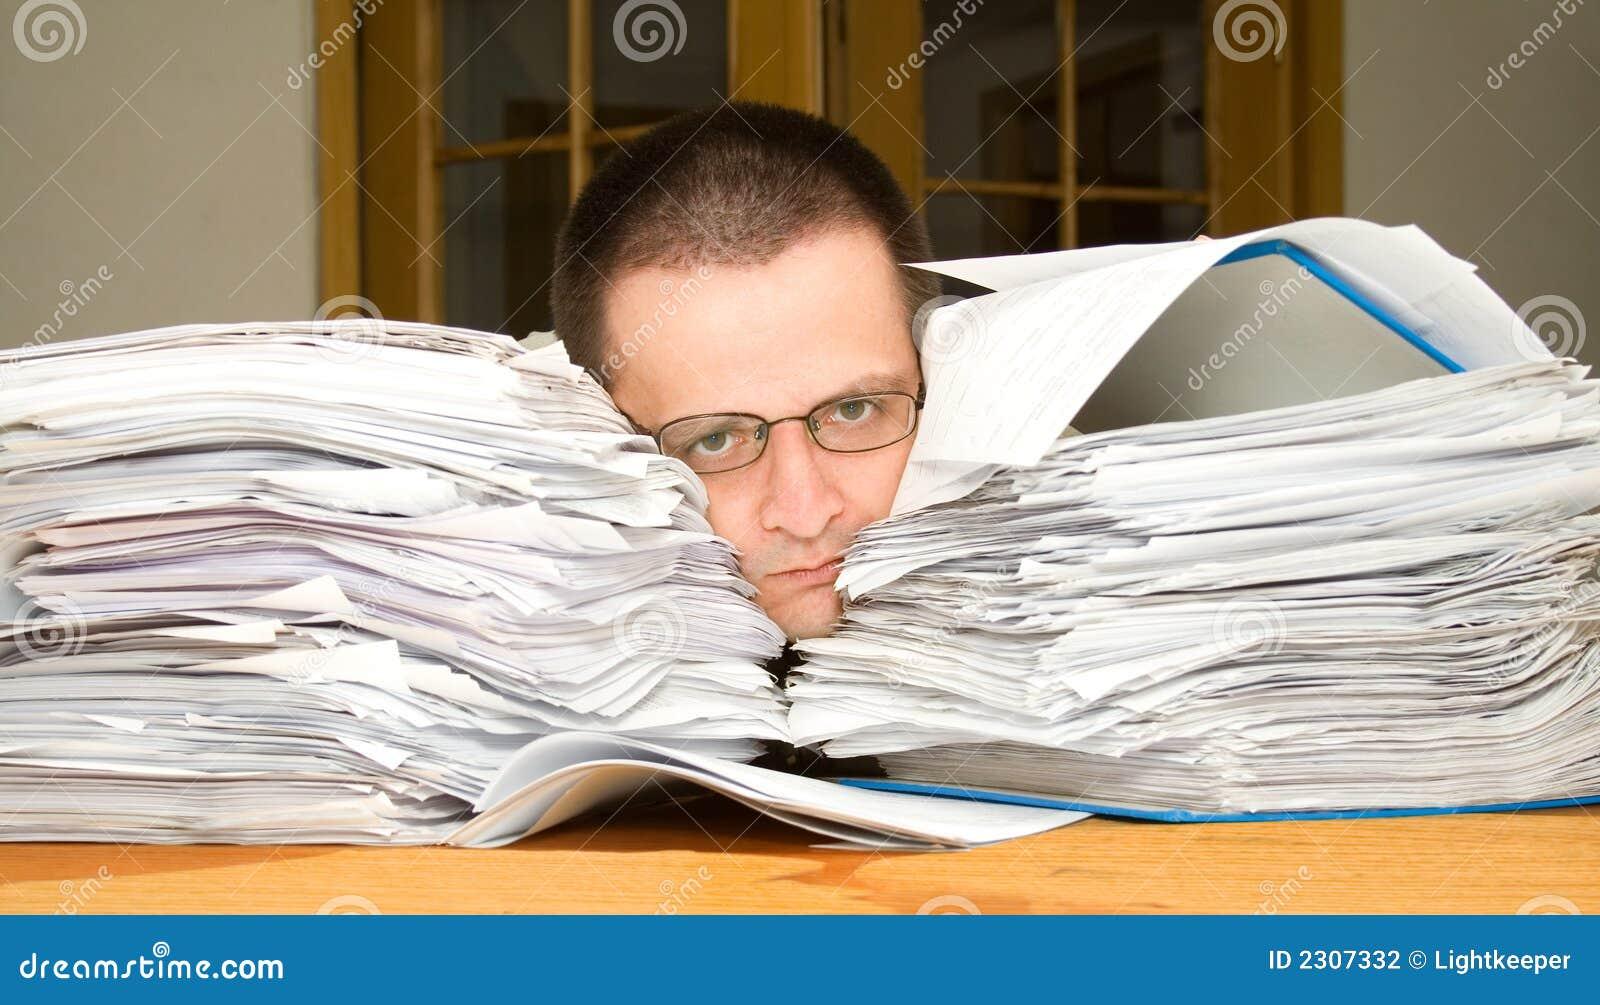 Troppo Lavoro Di Ufficio Fotografia Stock Immagine 2307332